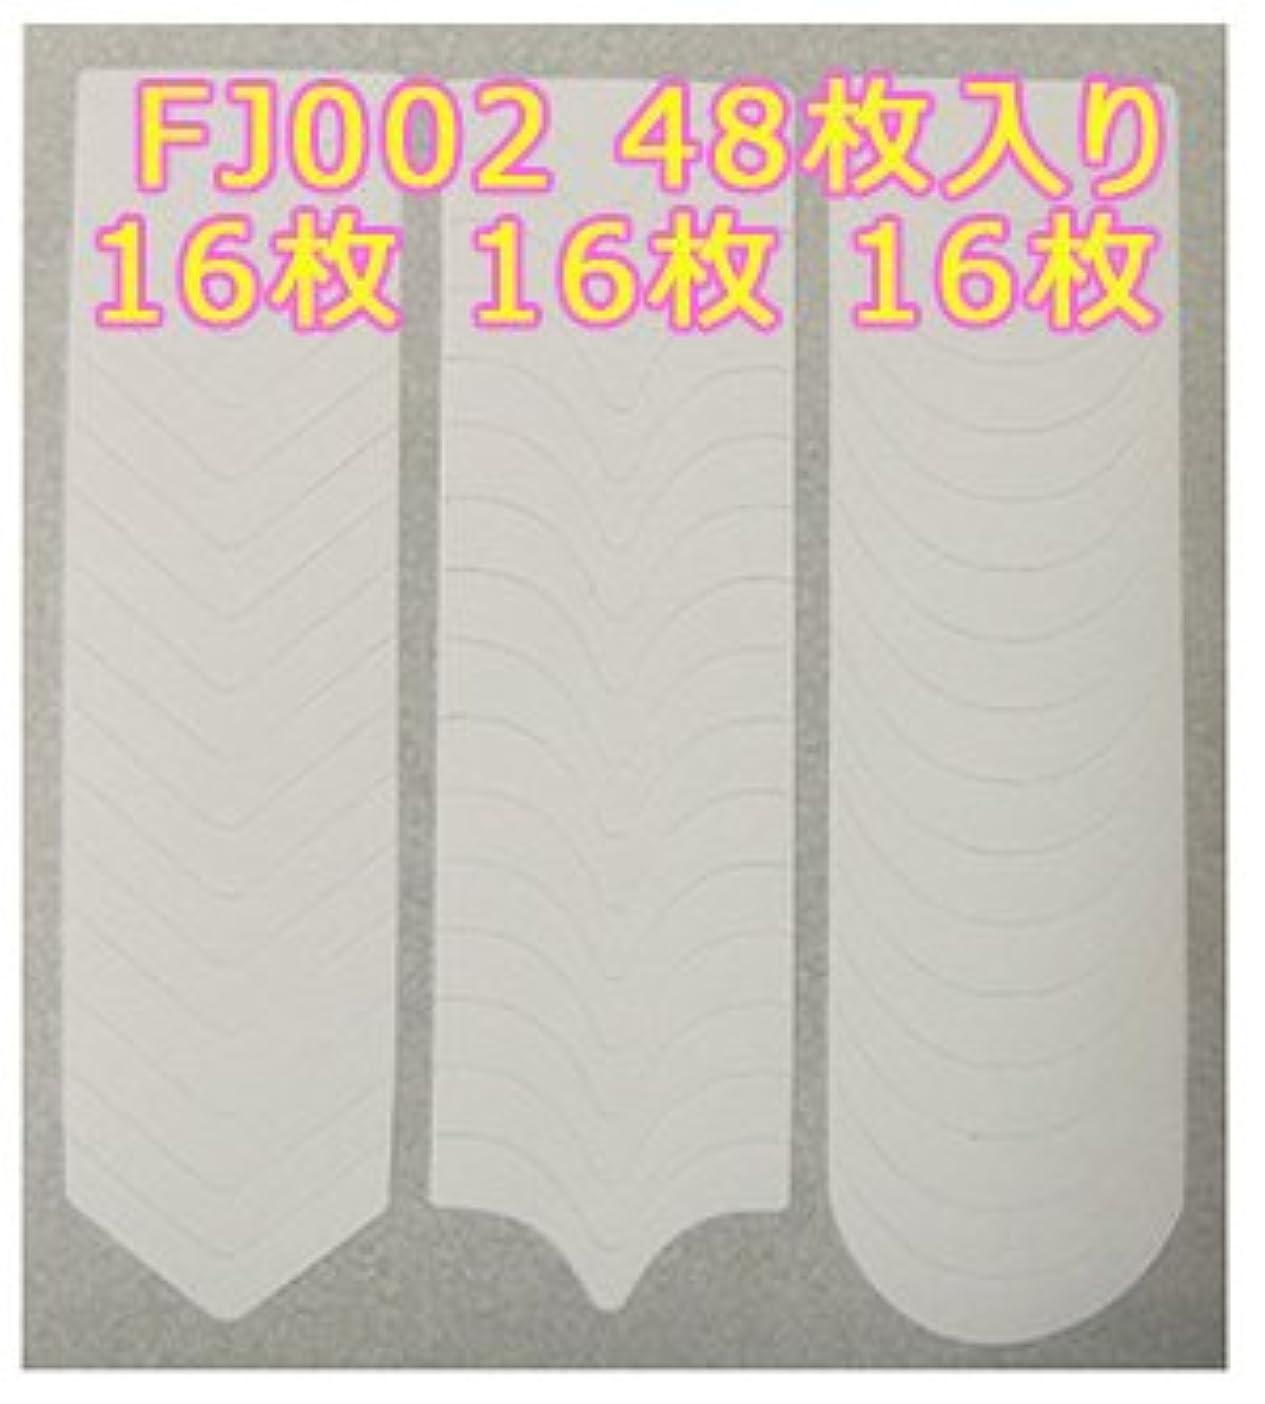 五月一般ロータリーフレンチガイドテープ/フレンチネイルシール/☆選べる4タイプ! (FJ002*48枚入り)